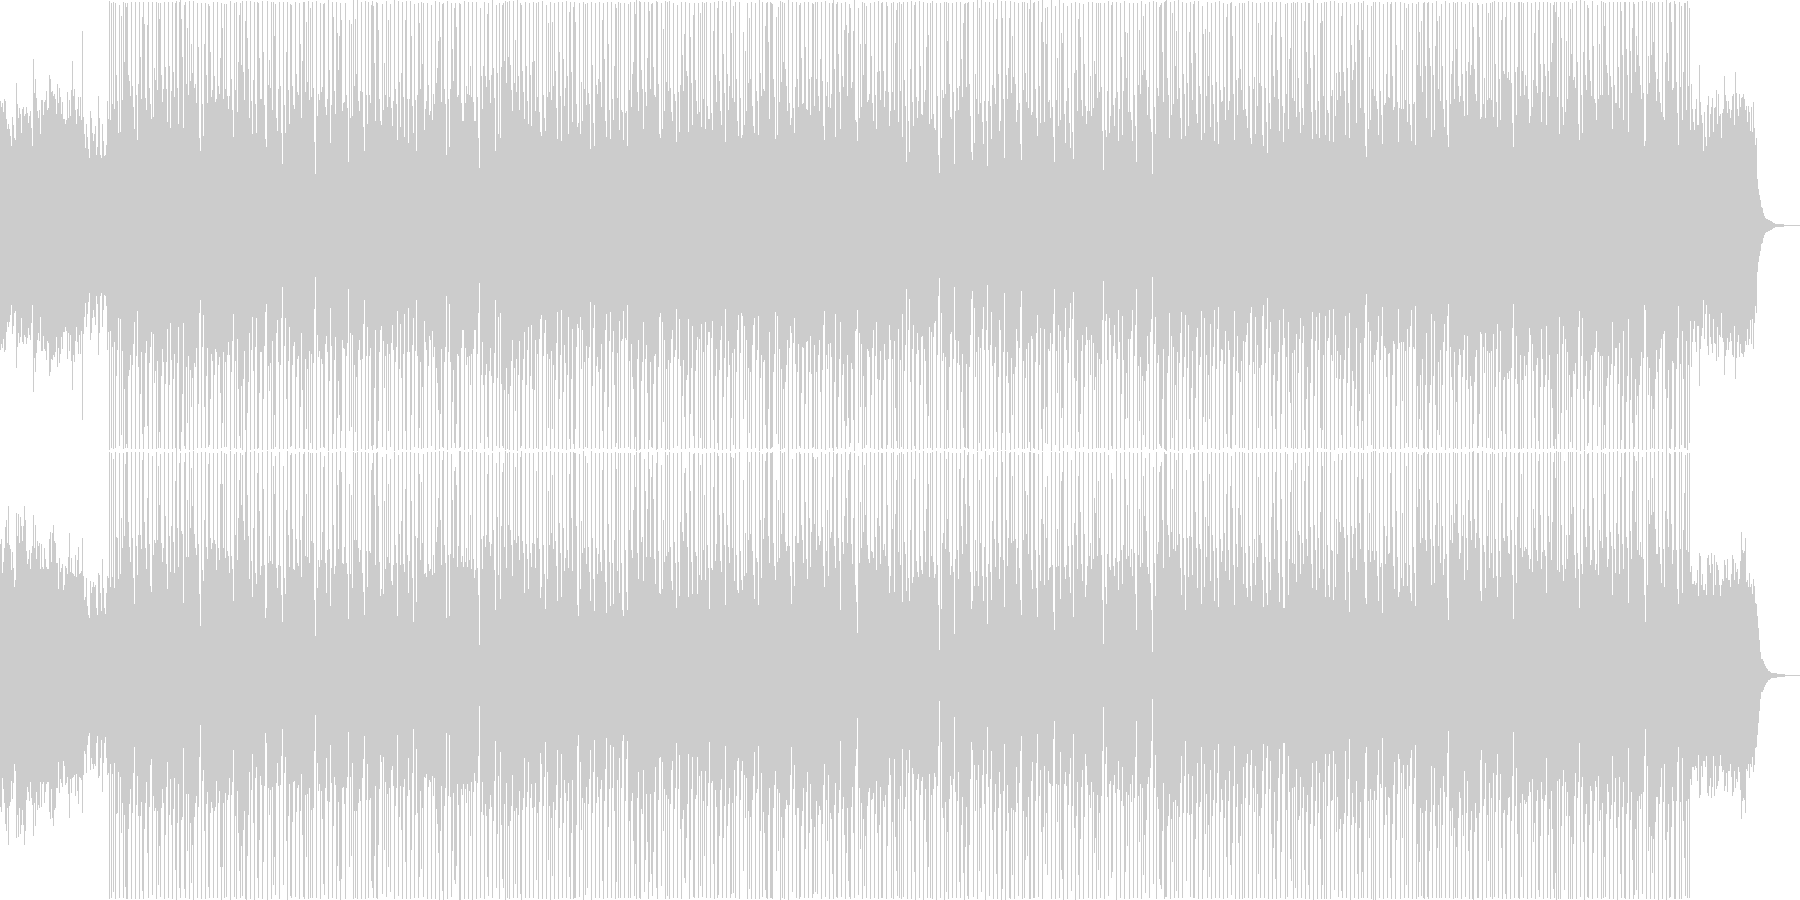 賑やかで楽しいクリスマスBGMの未再生の波形